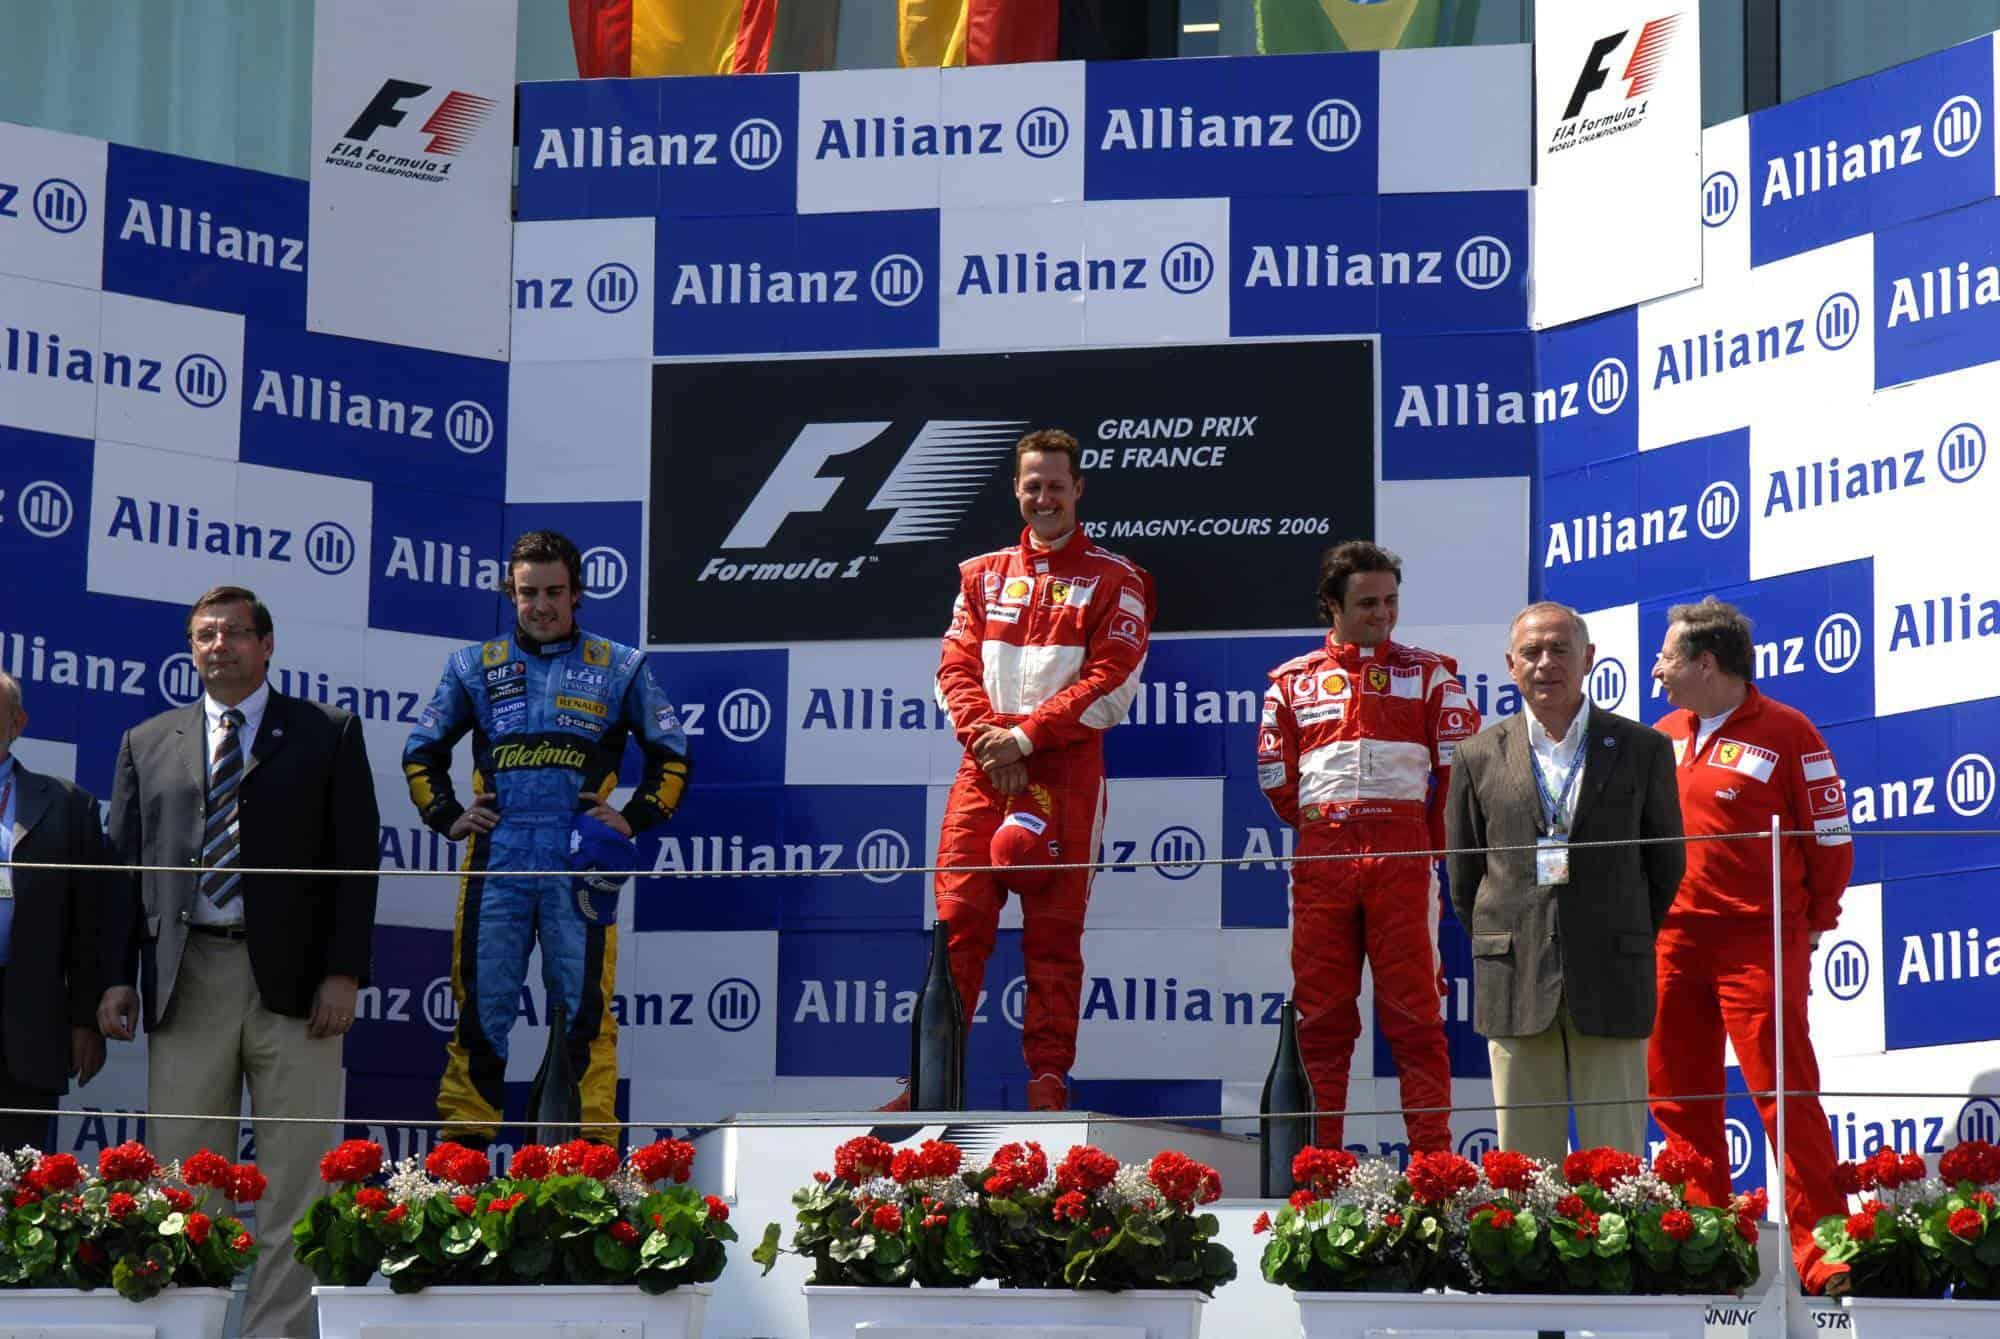 French GP F1 2006 podium Alonso Schumacher Massa Photo Ferrari